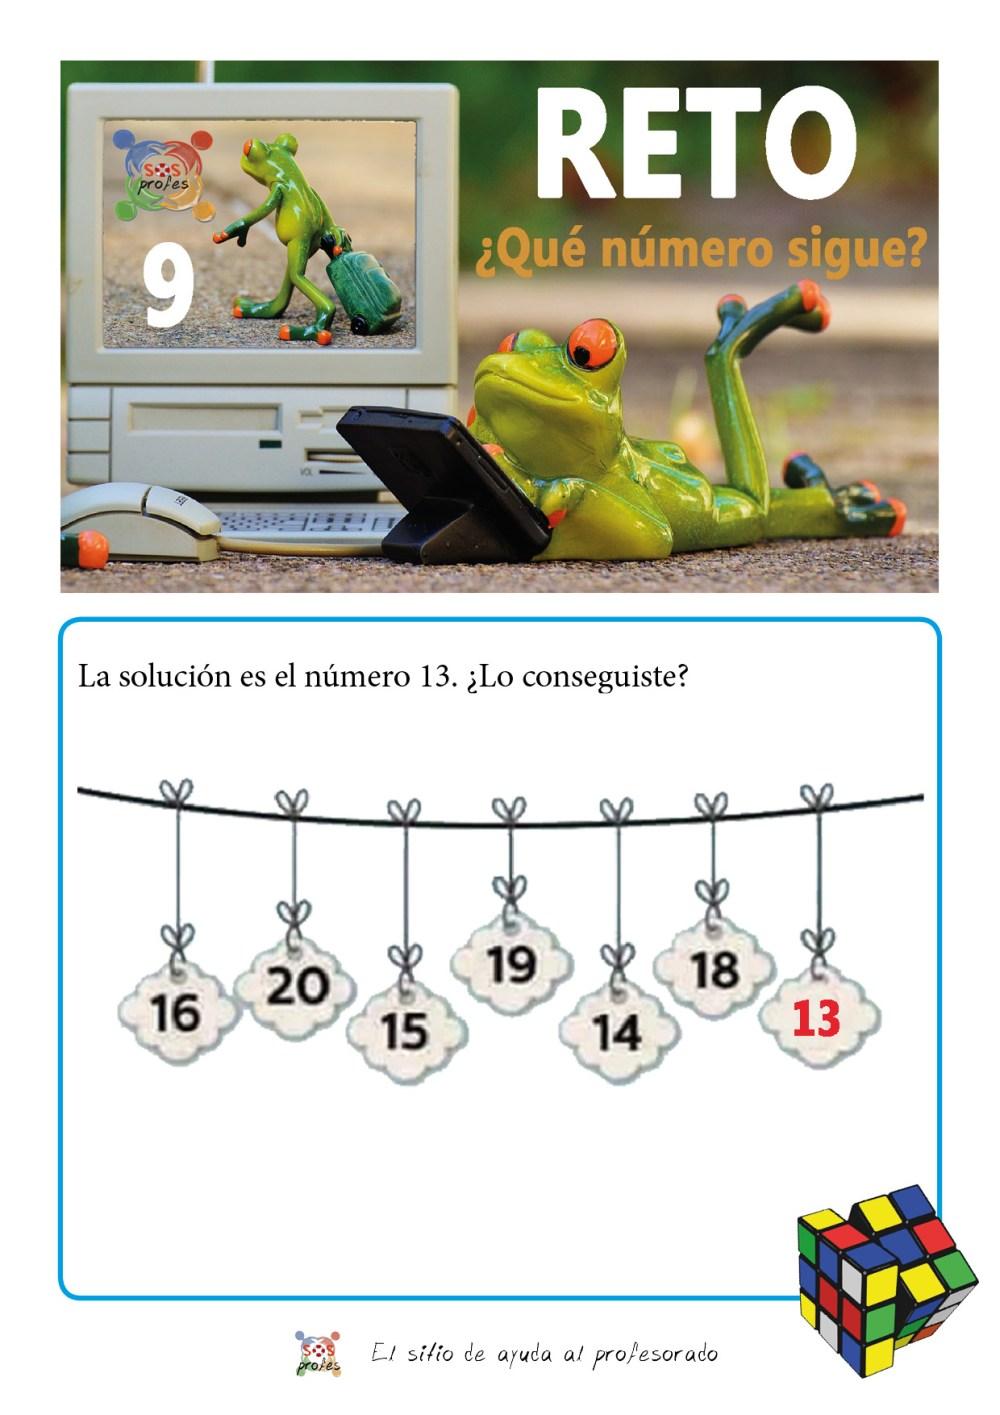 solucion-reto-9-que-numero-sigue